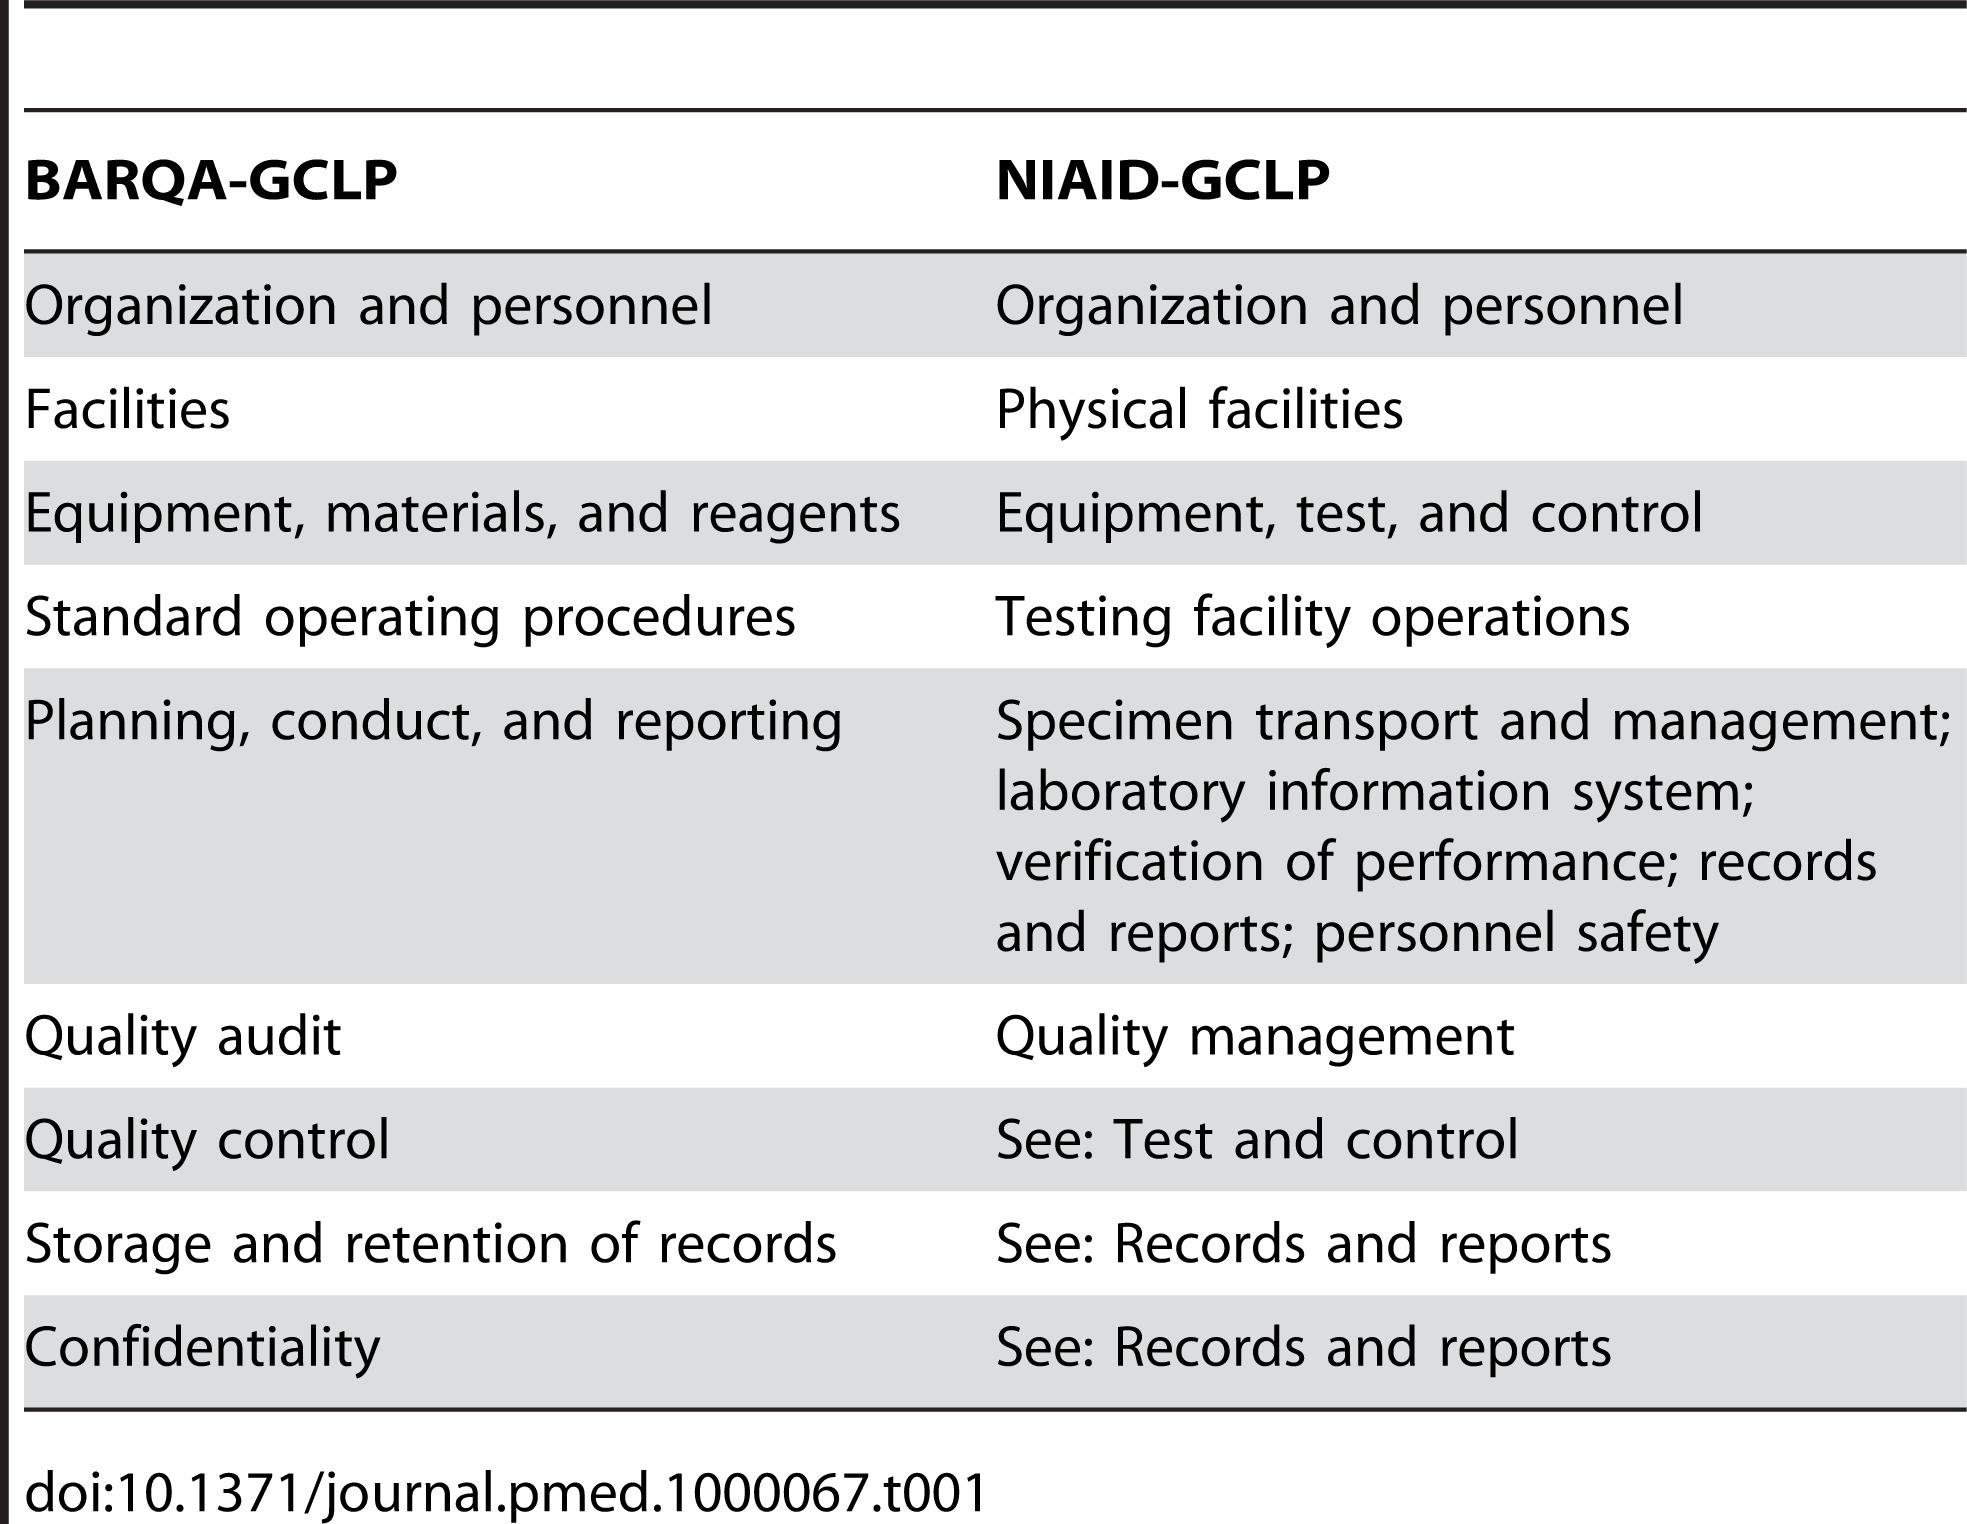 BARQA-GCLP and NIAID-GCLP core elements.